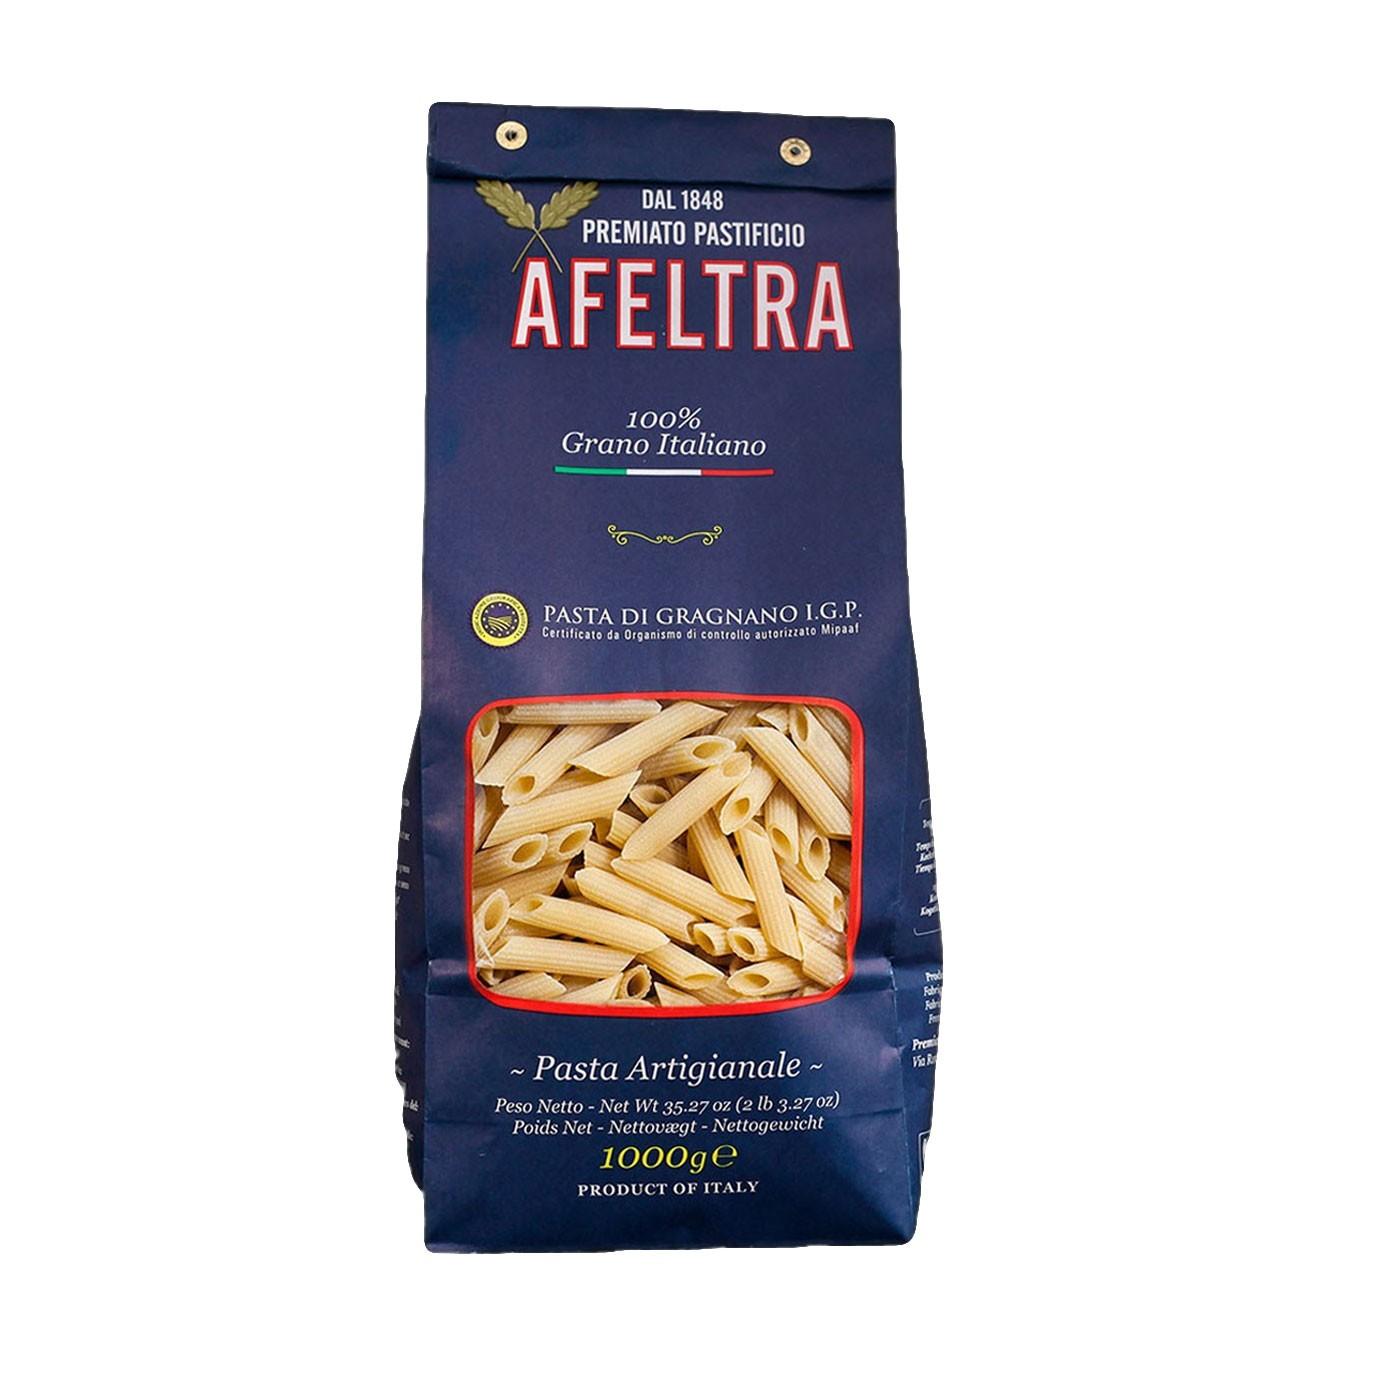 100% Italian Grain Penne Rigate 35.3oz - Afeltra